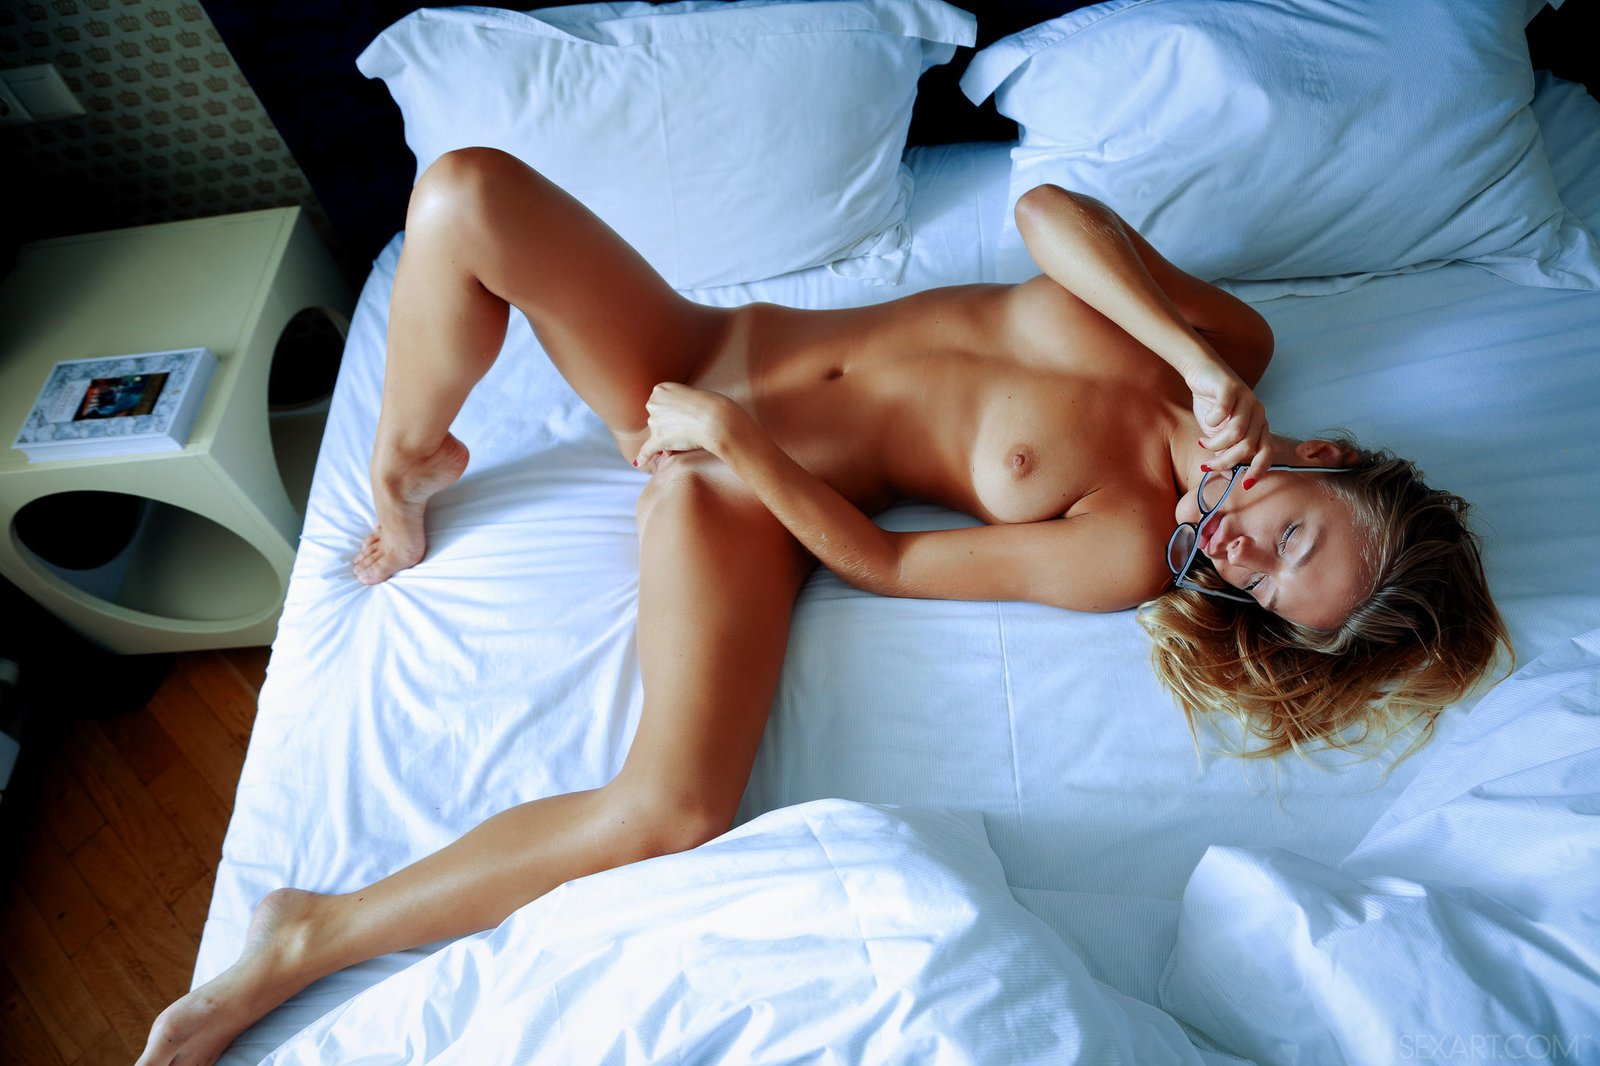 Голая чертовка в очках позирует на кровати